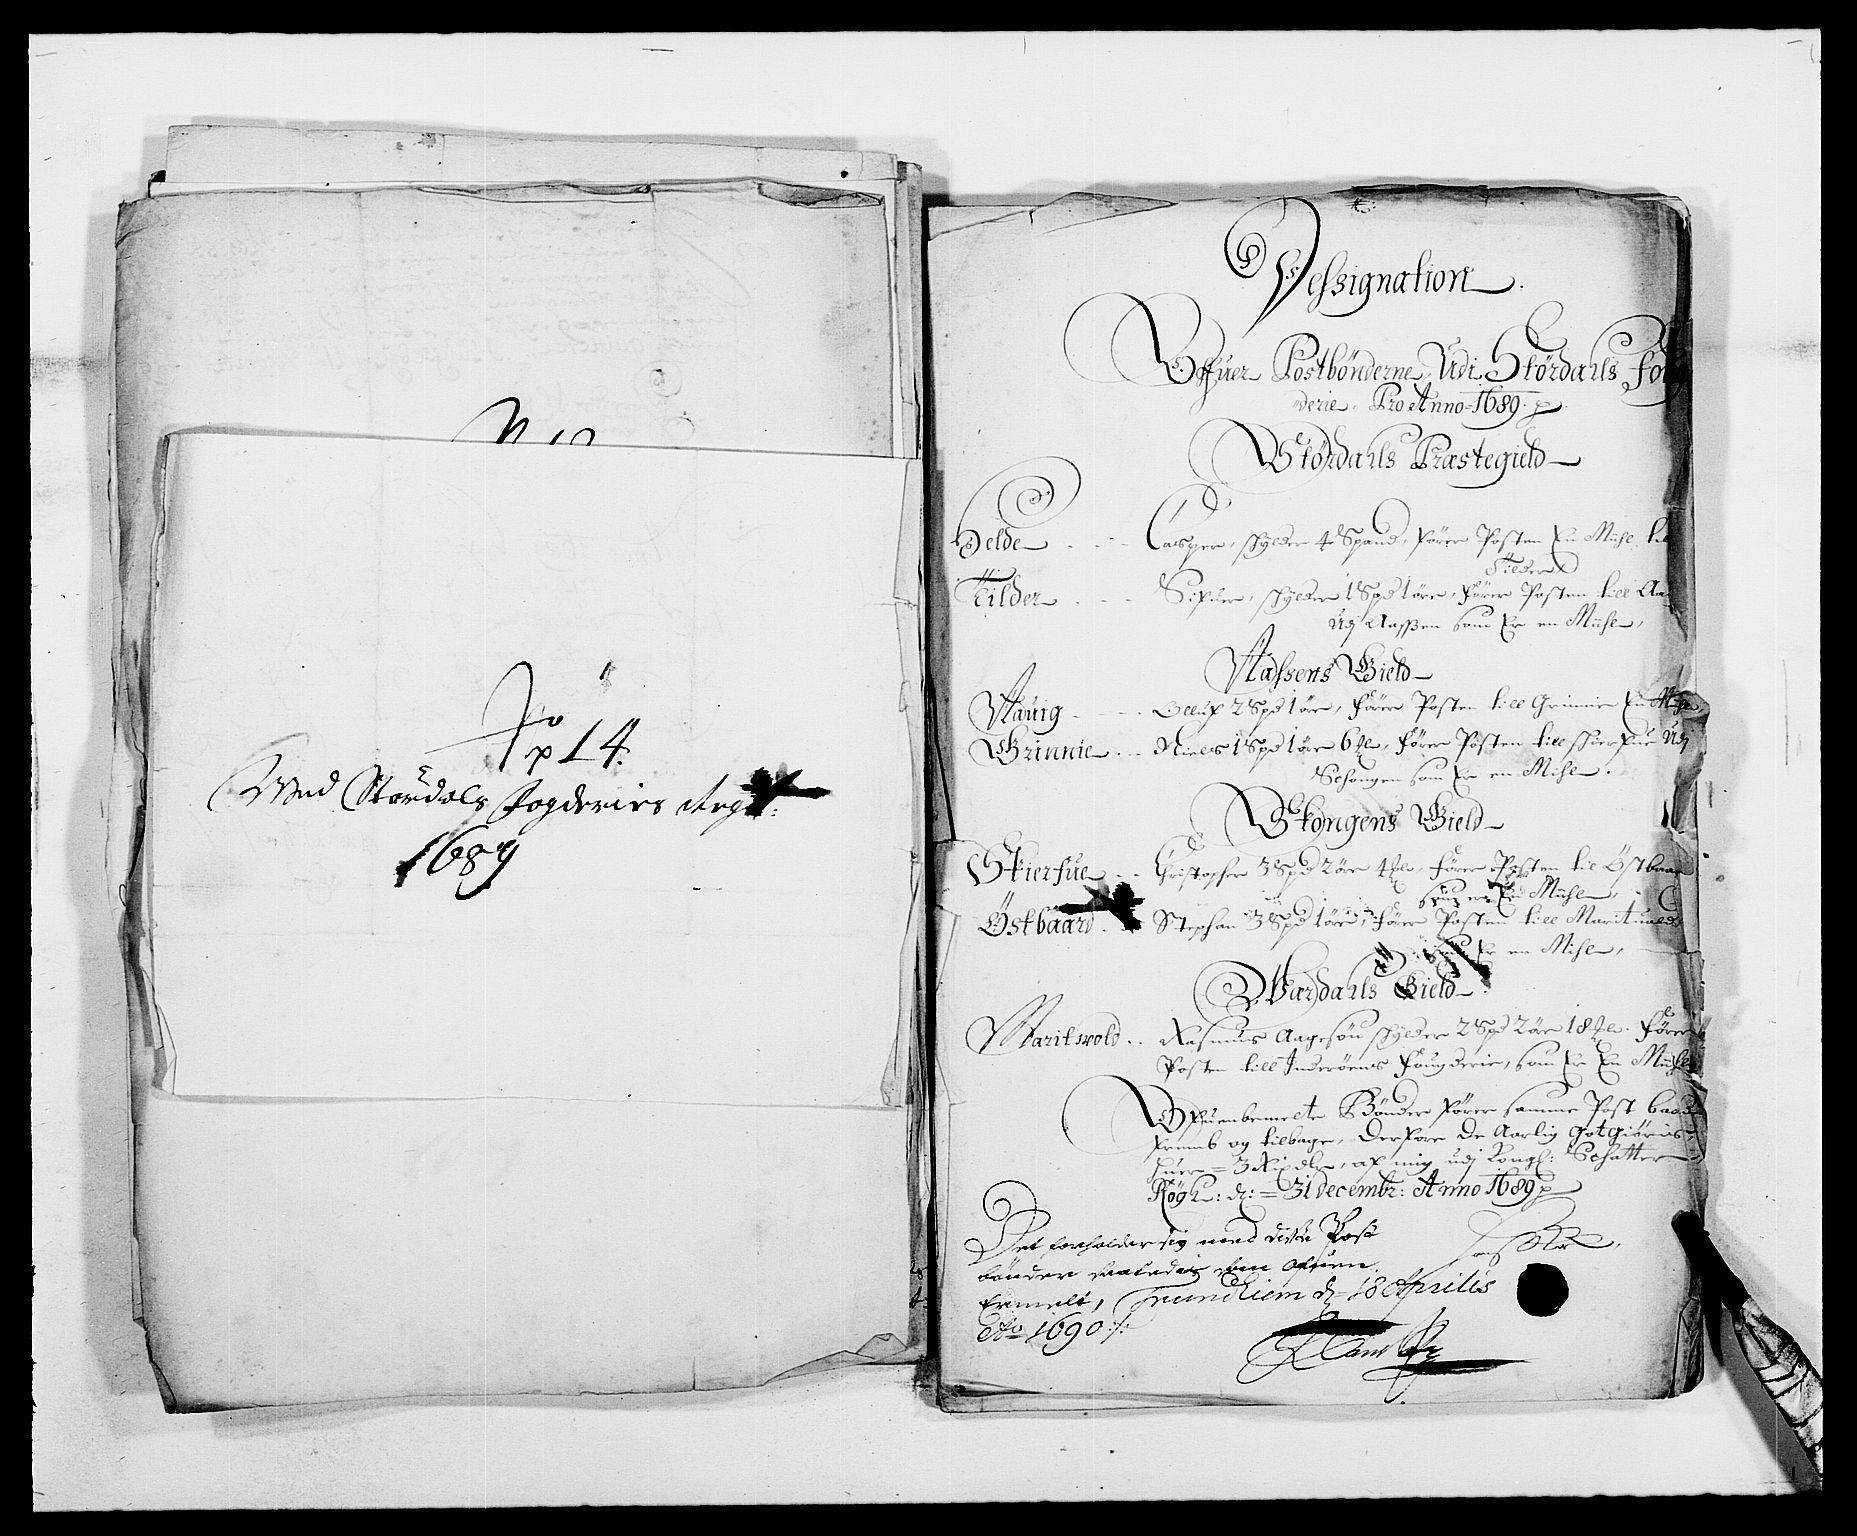 RA, Rentekammeret inntil 1814, Reviderte regnskaper, Fogderegnskap, R62/L4183: Fogderegnskap Stjørdal og Verdal, 1687-1689, s. 419